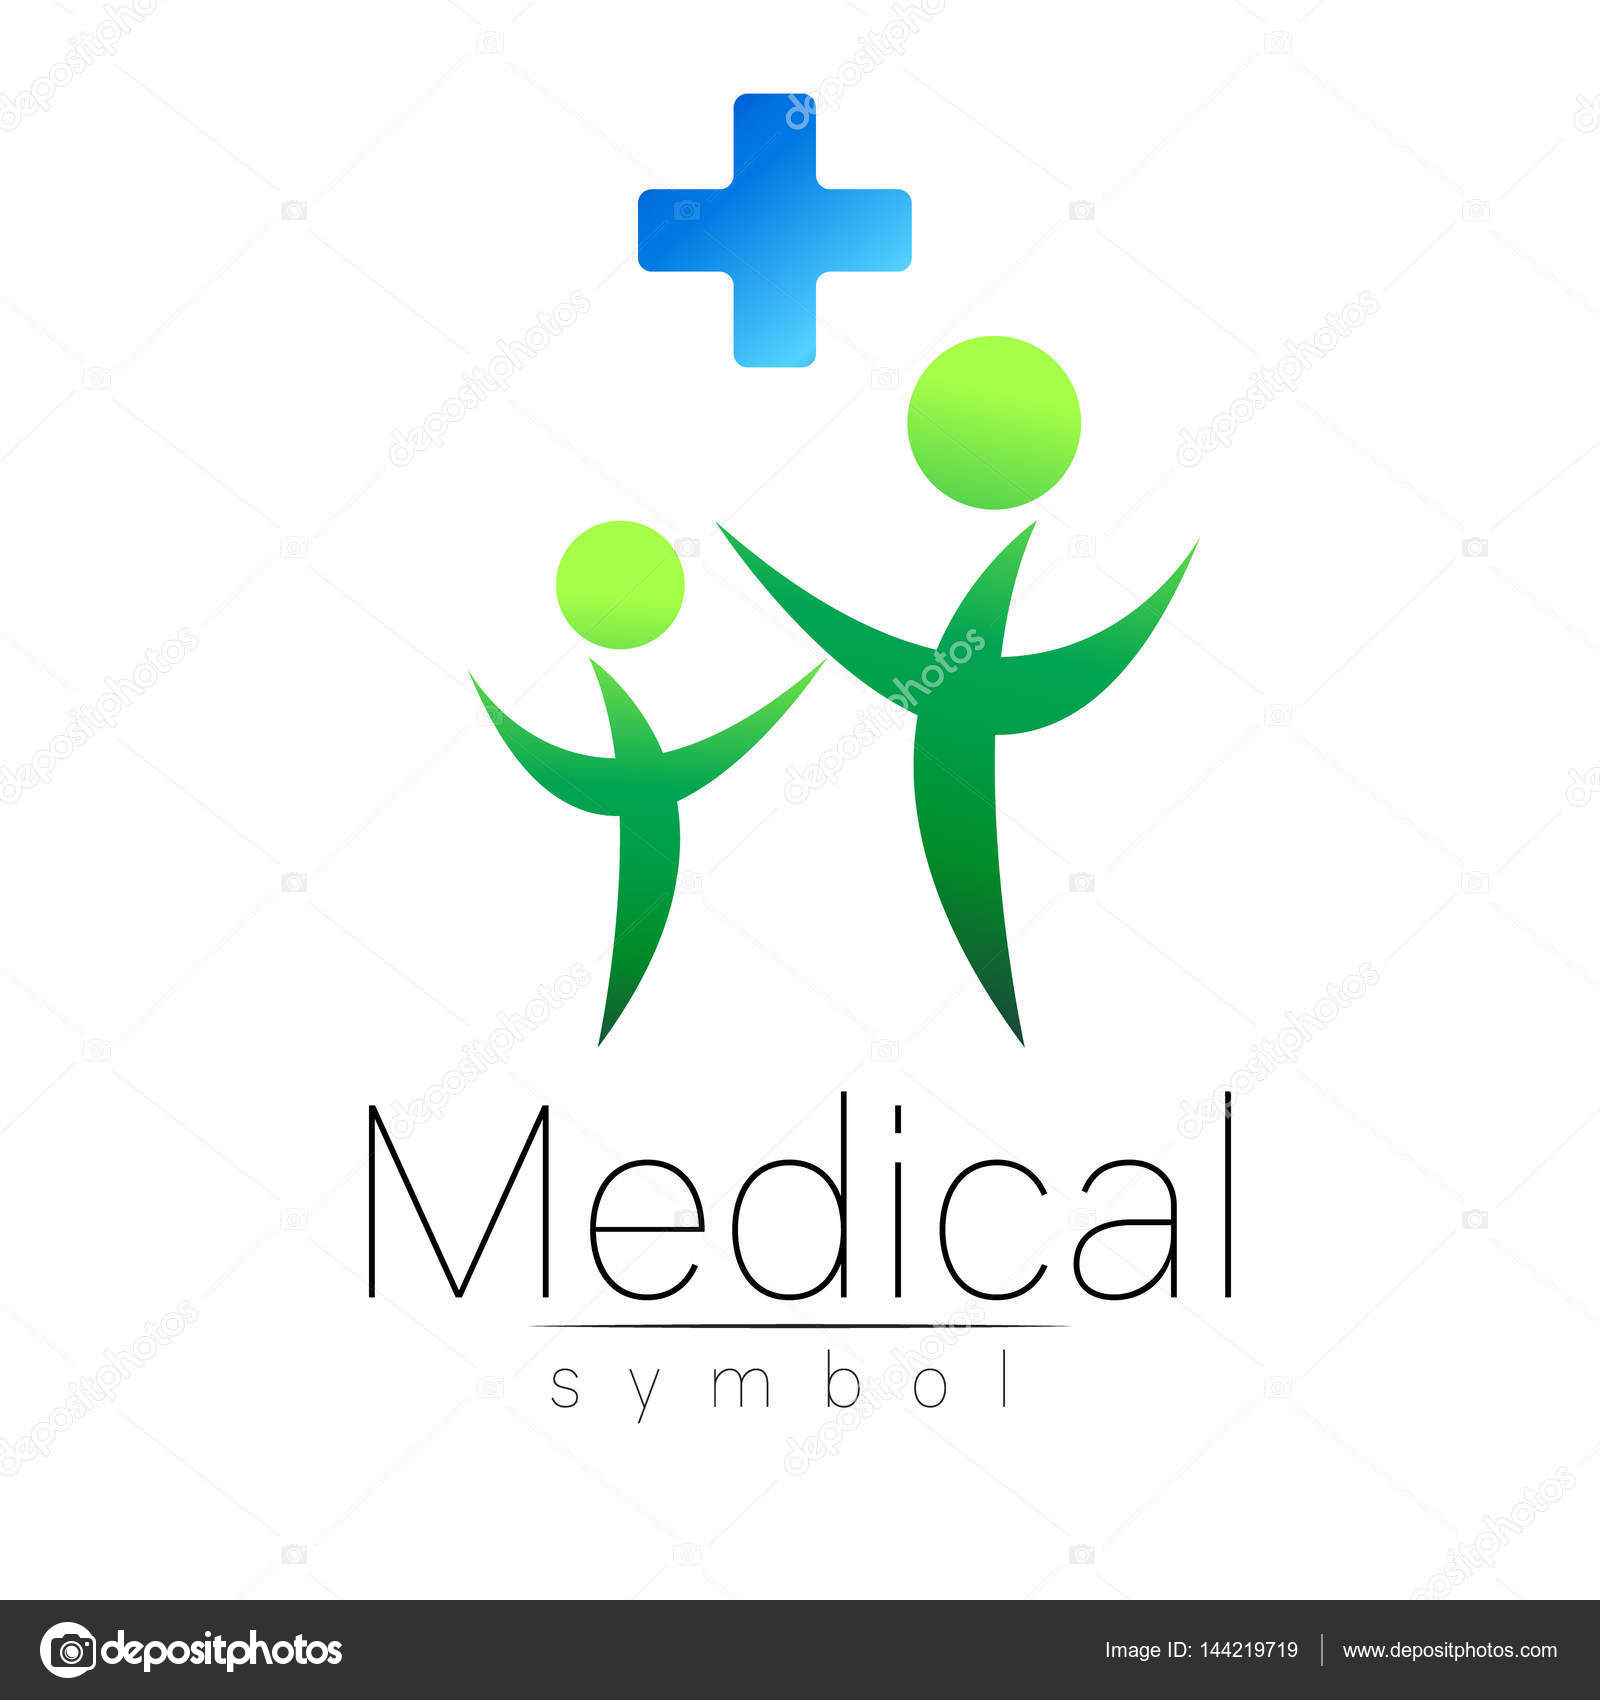 Symbole Pour Les Mdecins Site Internet Carte De Visite Icne Couleur Vert Bleu Conception Moderne La Mdecine Sant Et Soins Vecteur Par Vitmann